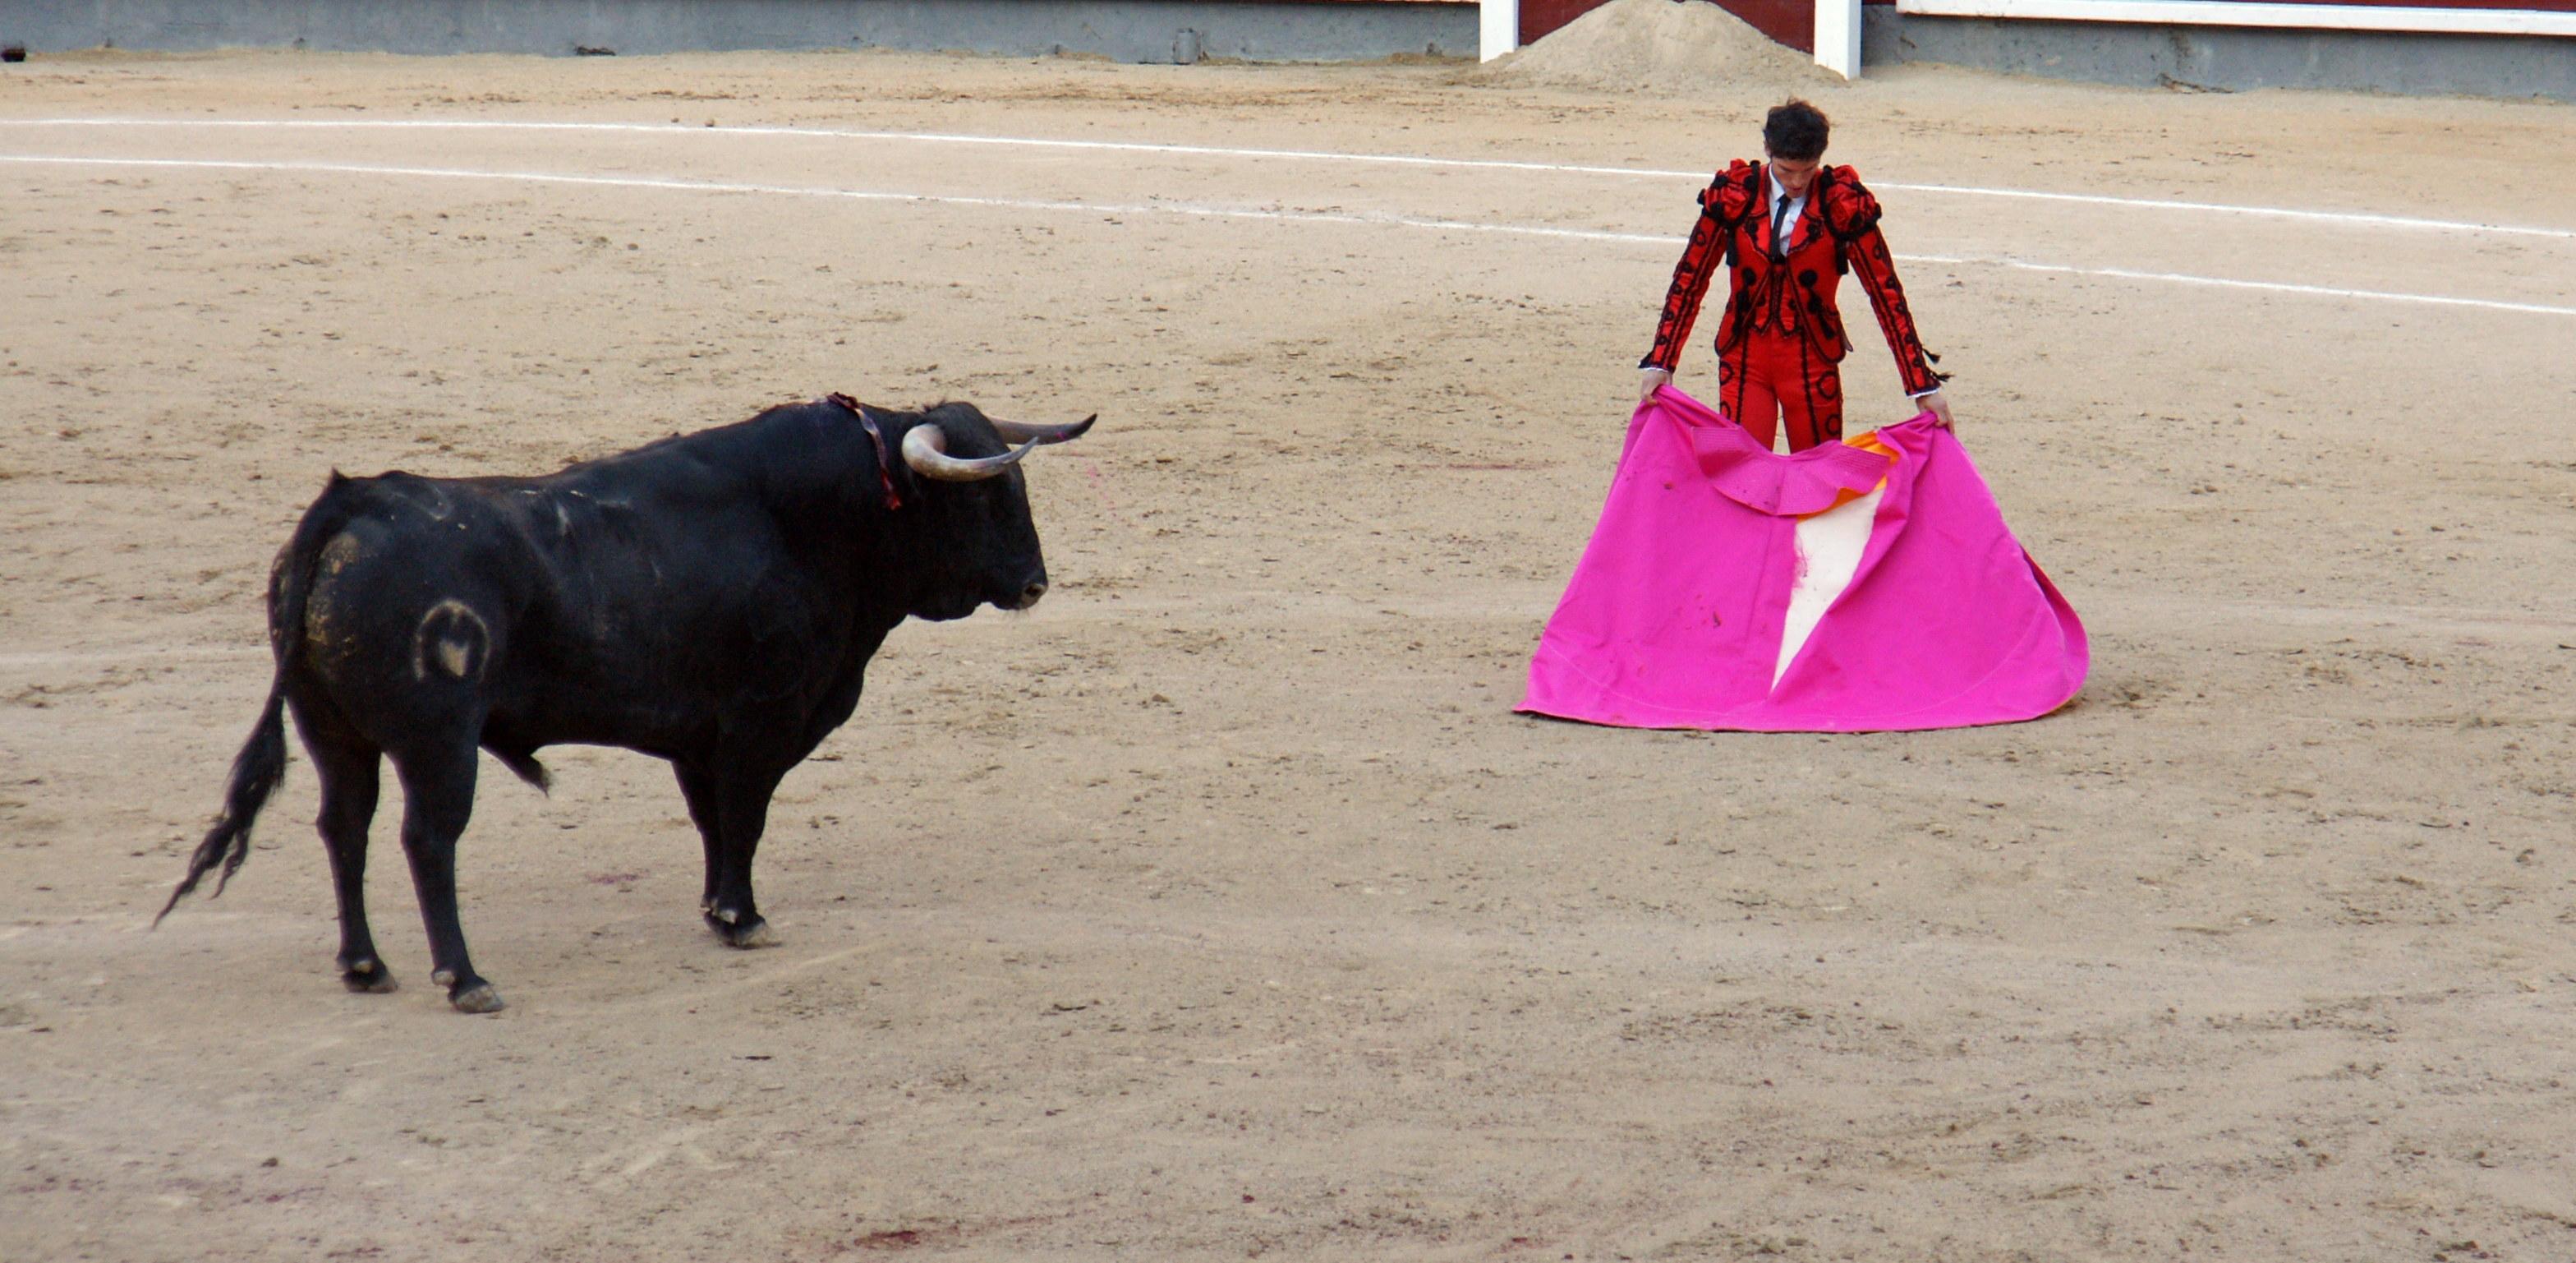 Tauromaquia-Matador-Gallery41